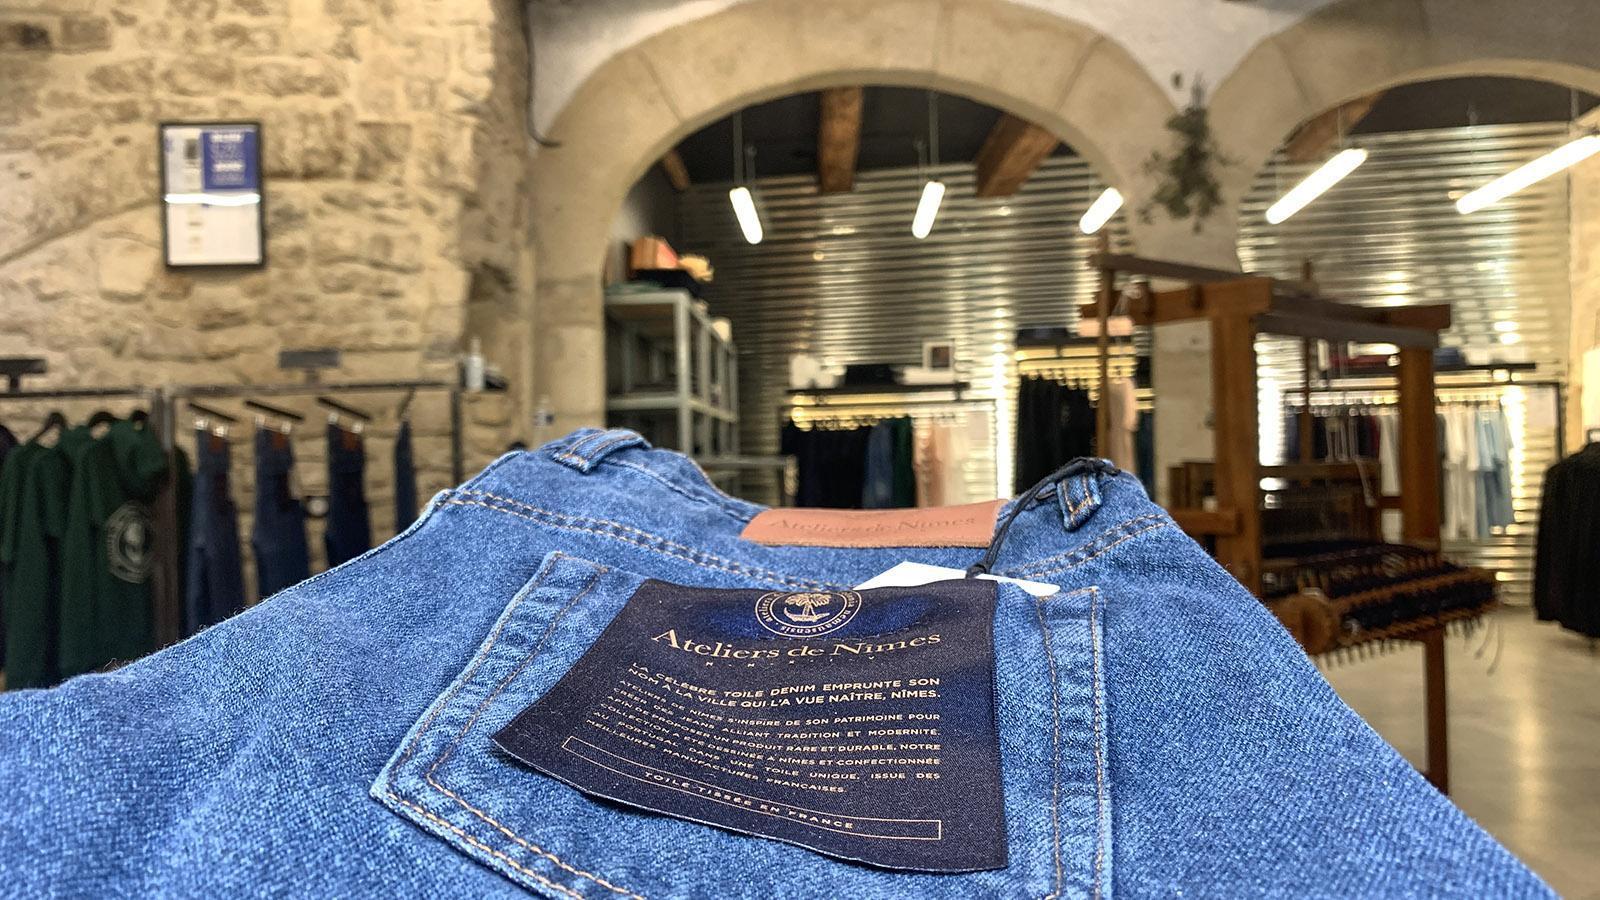 Nîmes: Dort, wo ihr Stoff erfunden wurde, werden sie bis heute hergestellt: Jeans. Foto: Hilke Mander